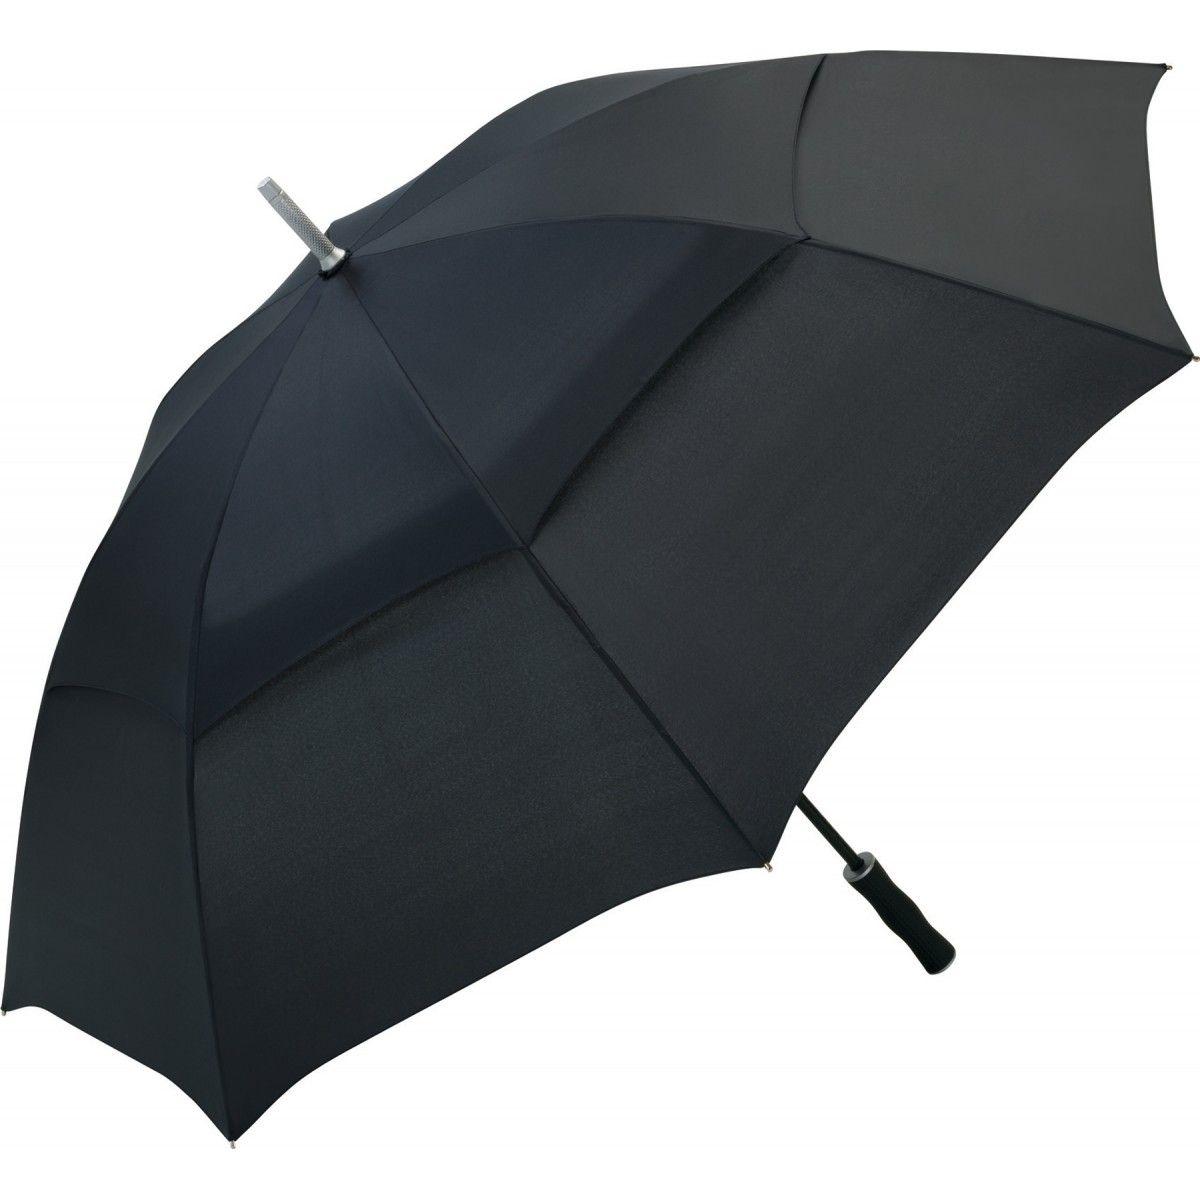 Parapluie de golf double toile